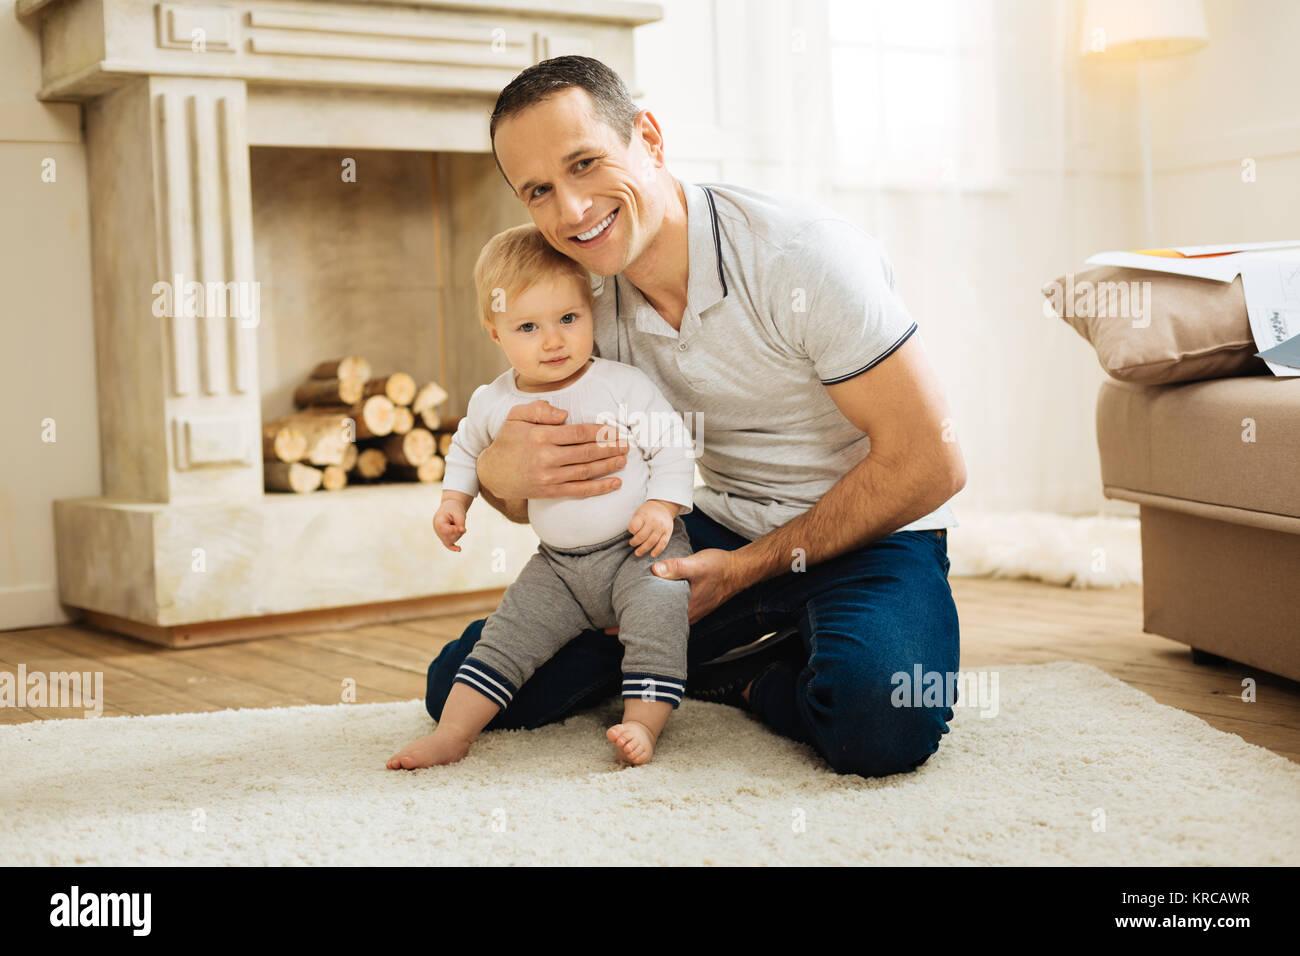 Feliz padre joven abrazando a su niño mientras está sentado en una sala de estar Imagen De Stock